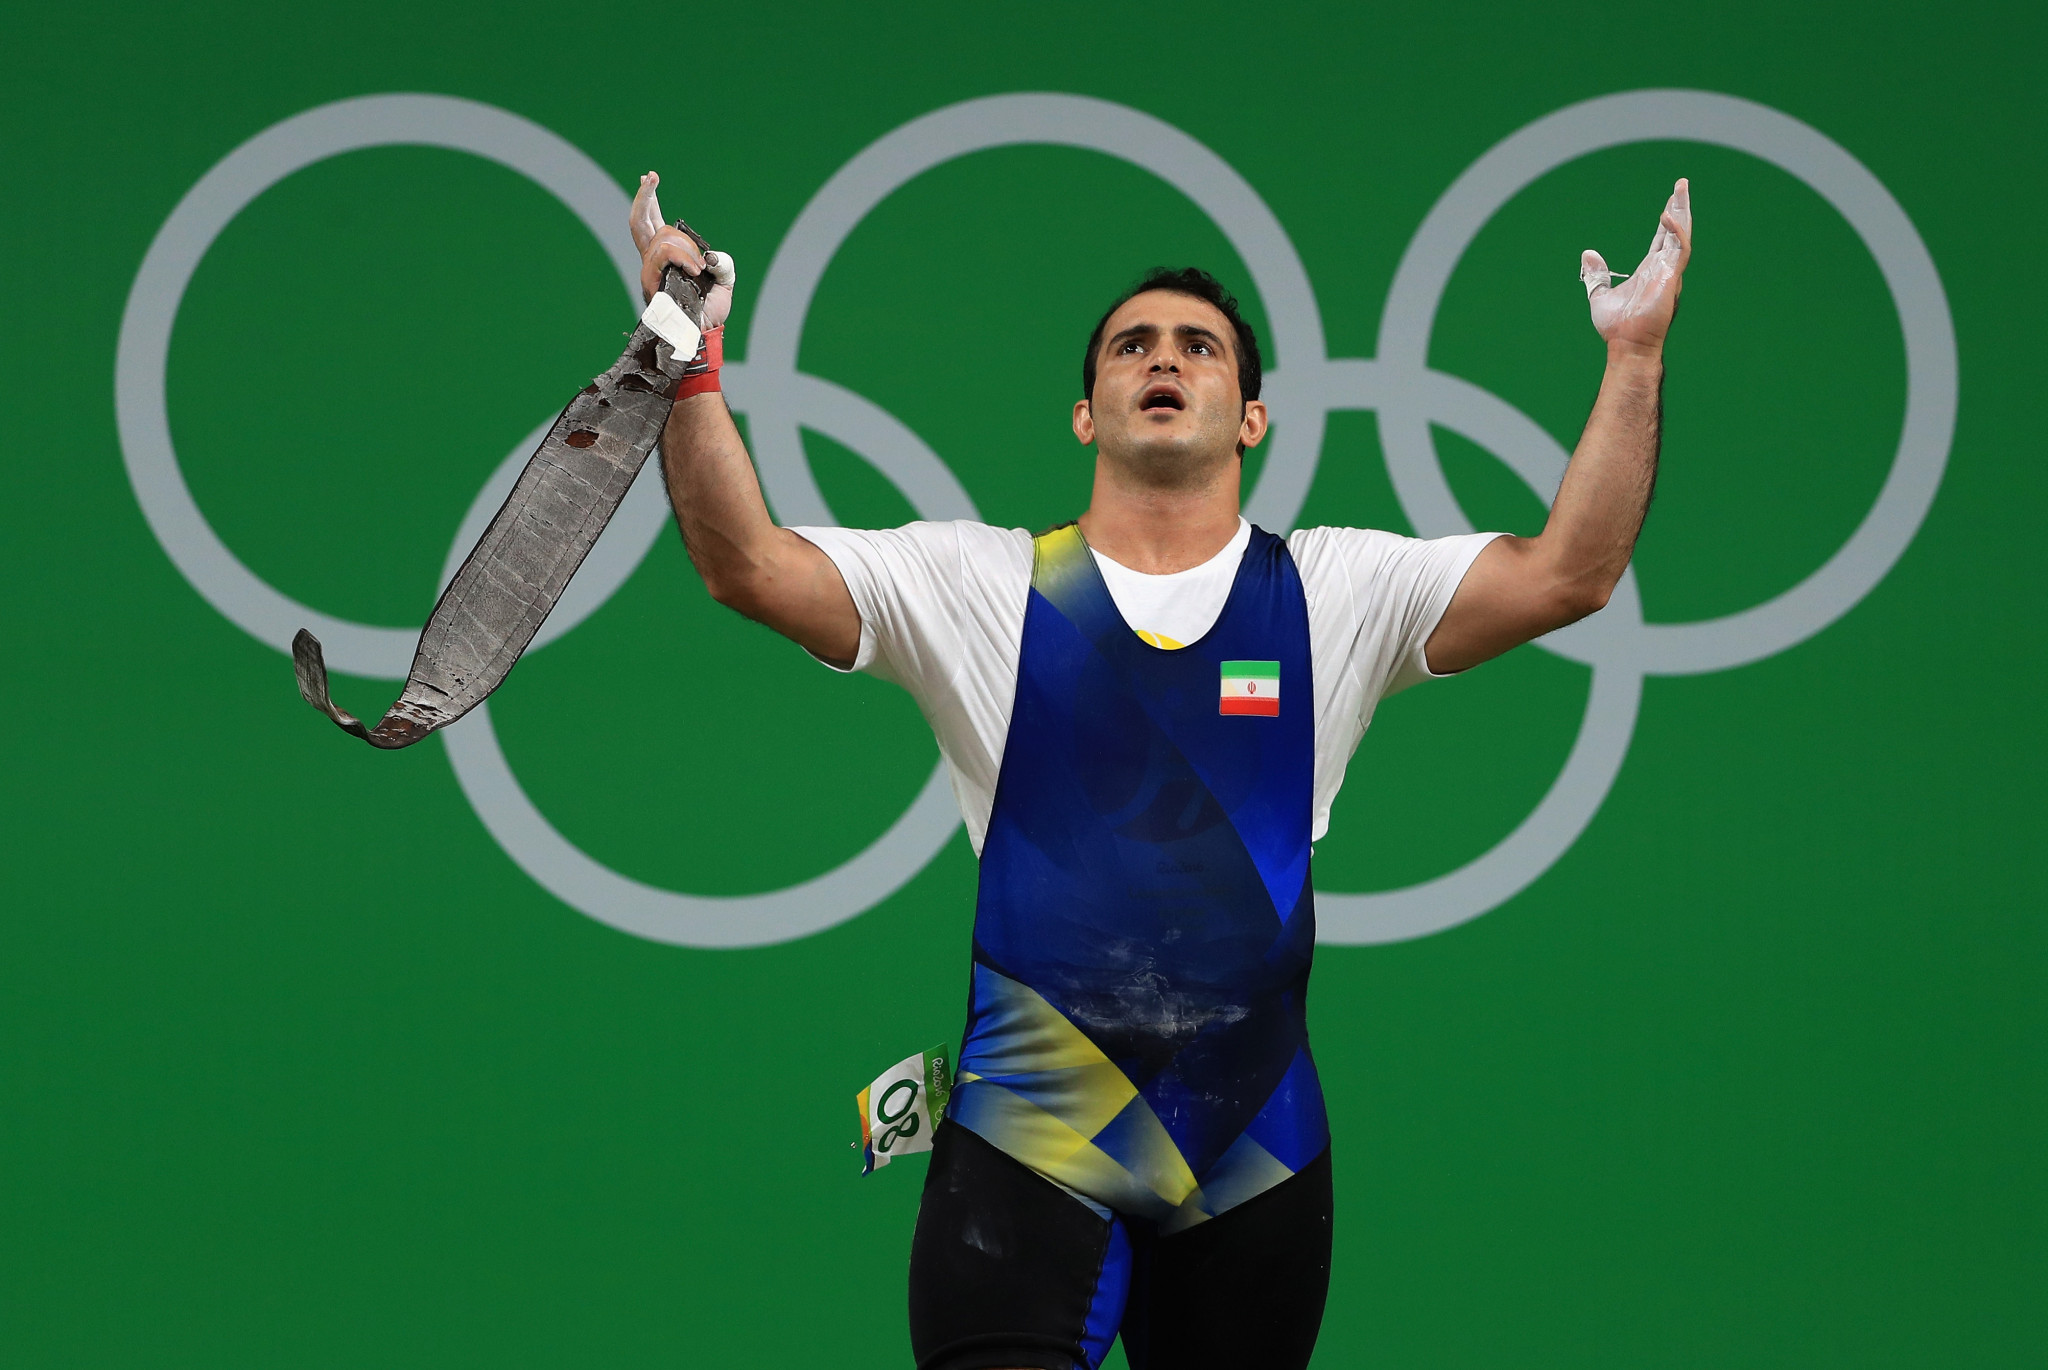 Sohrab Moradi won Olympic gold at Rio 2016 ©Getty Images